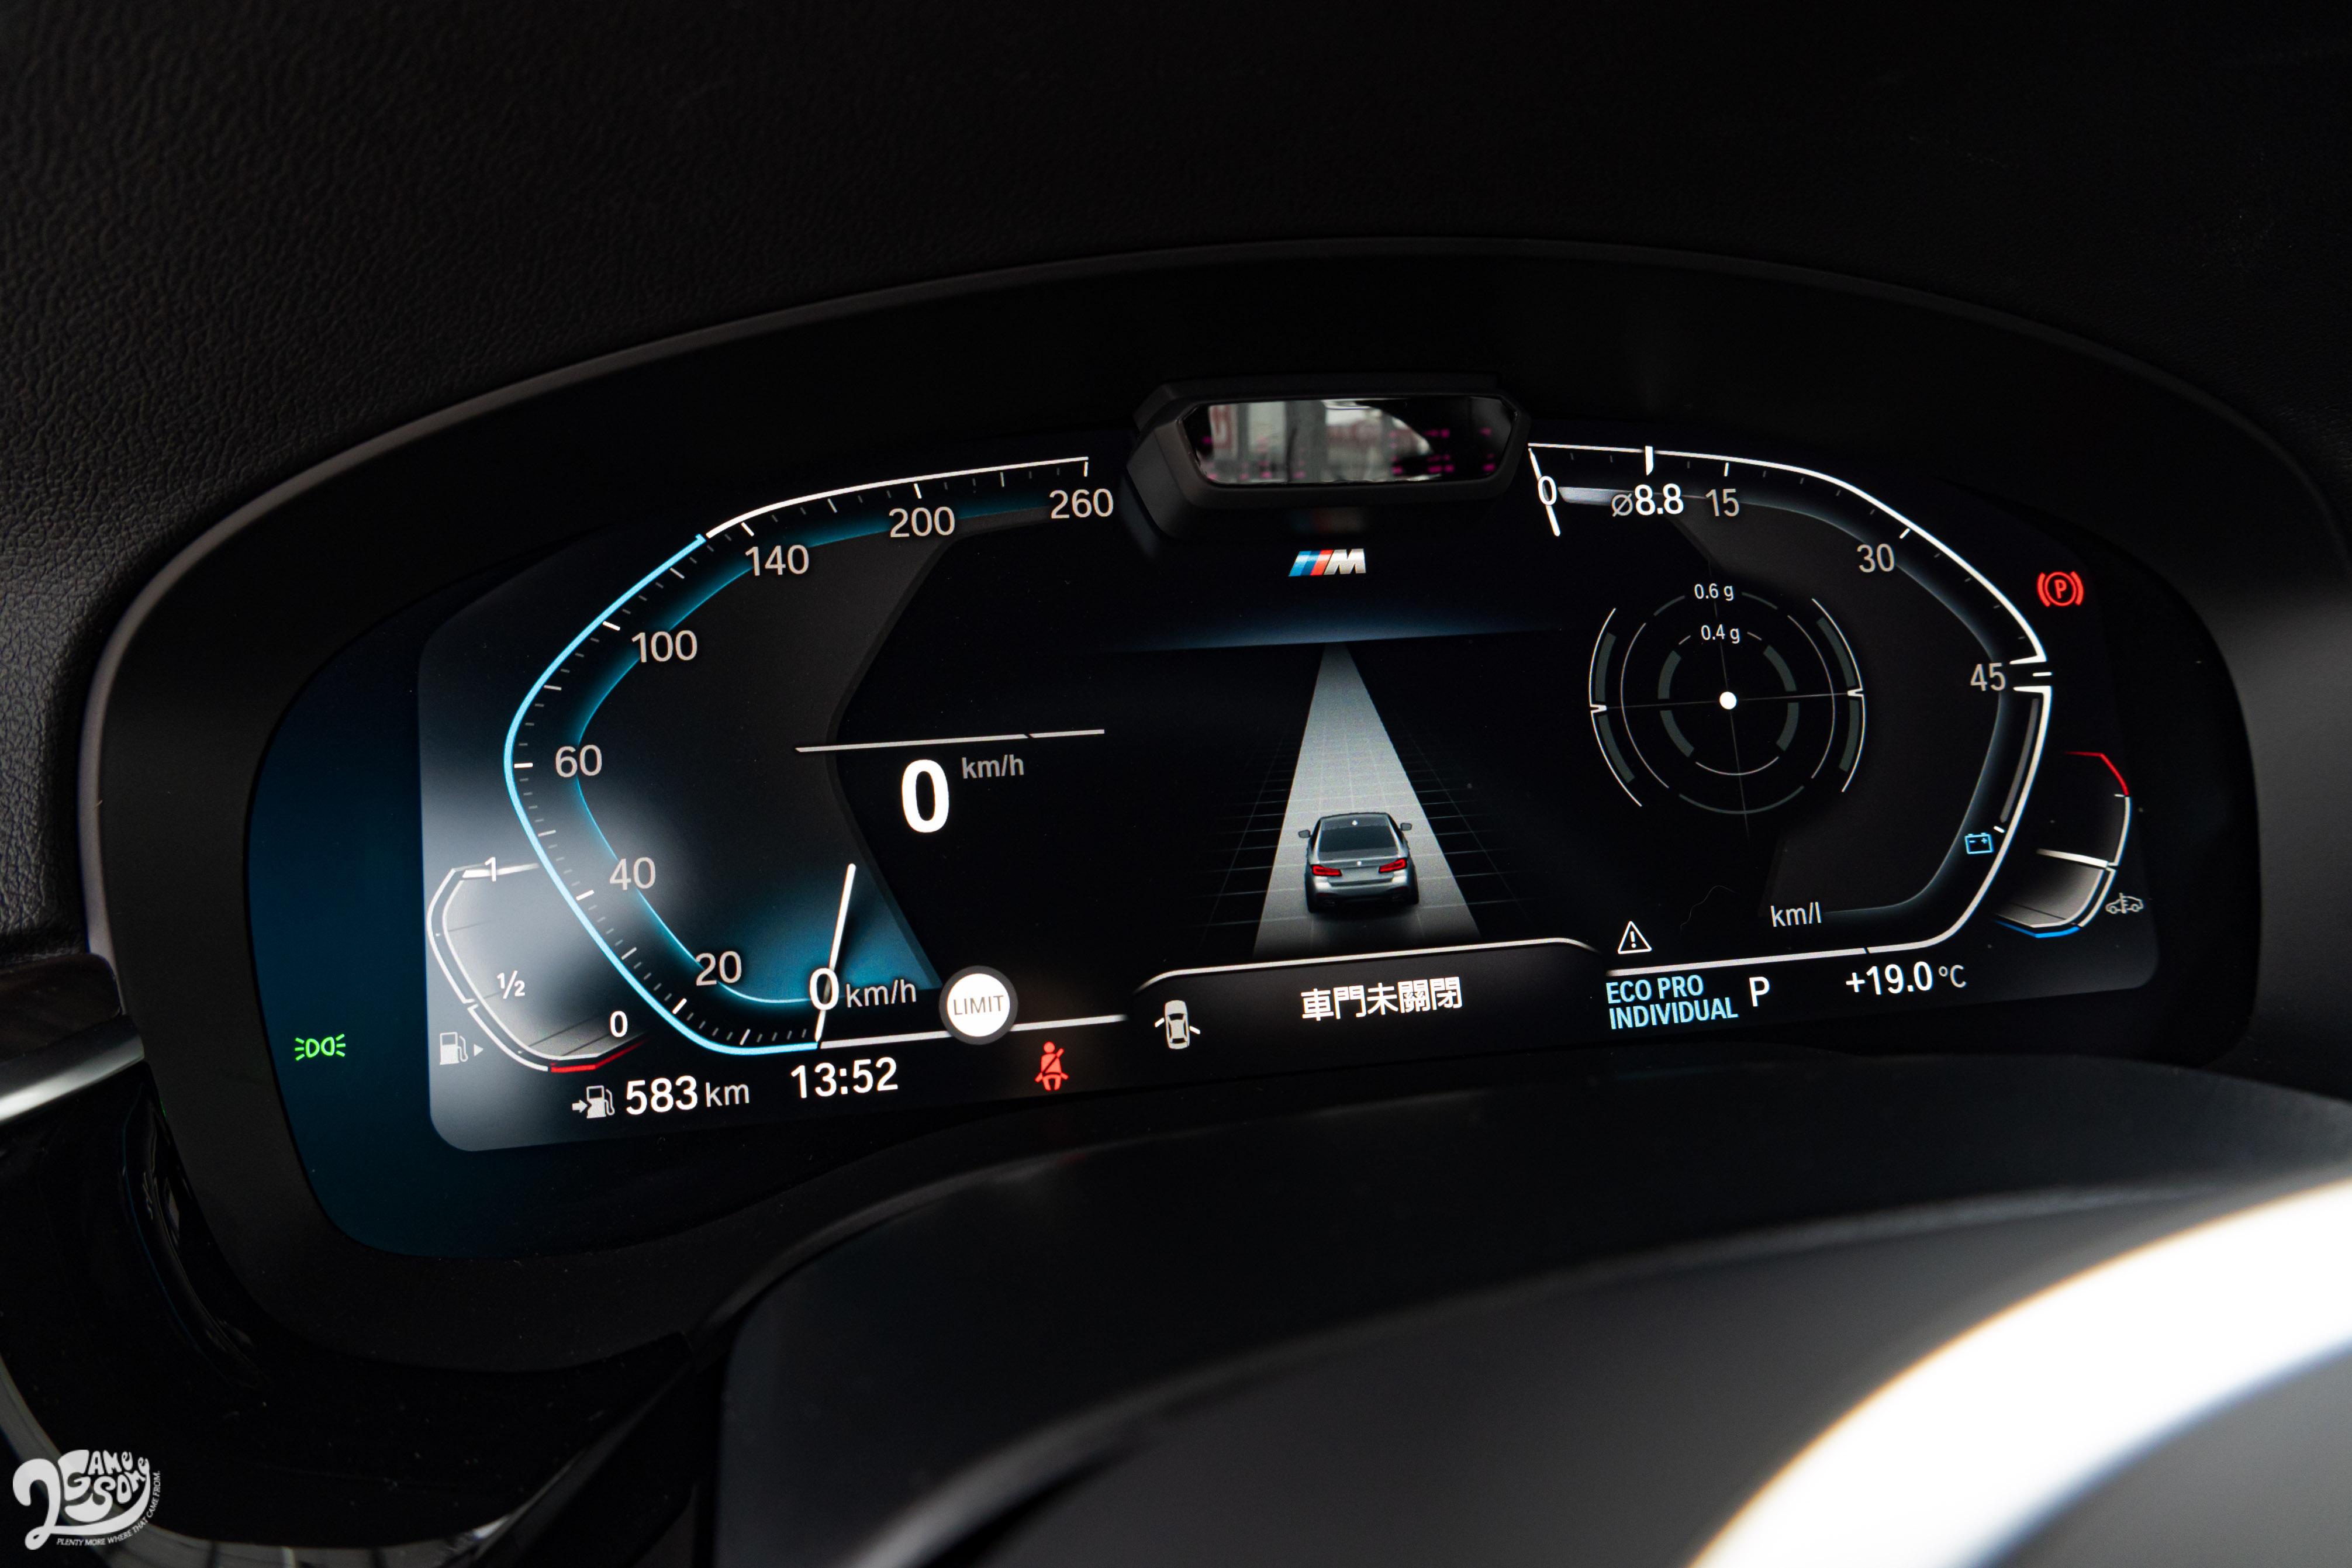 透過 12.3 吋虛擬數位儀表,具 Level 2 功能的駕駛輔助系統、原廠導航等圖資都盡覽眼底。